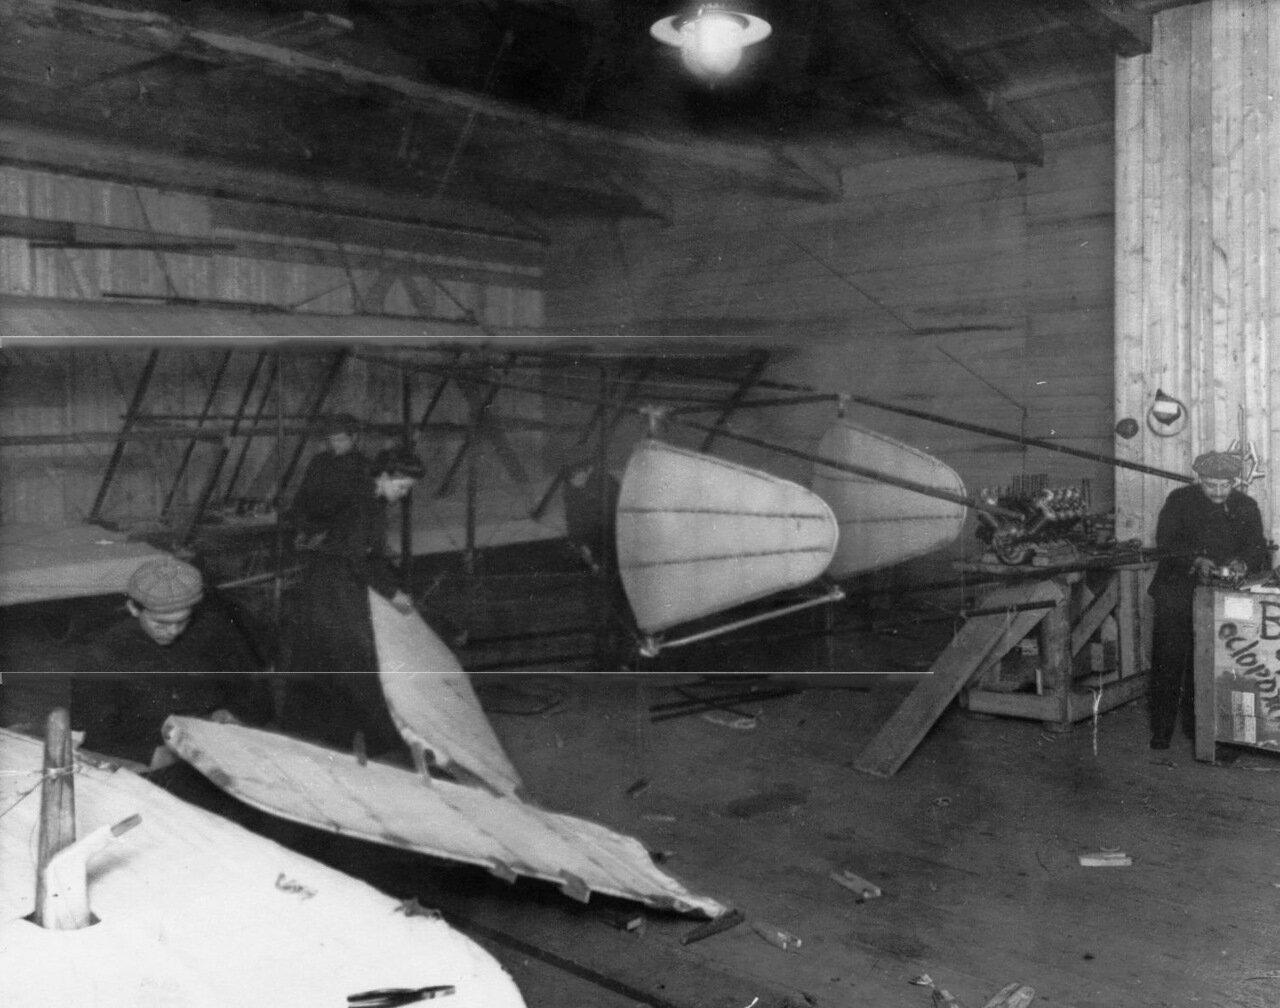 13. Сборка самолета в мастерской (самолет Я.М. Гаккеля). 1910